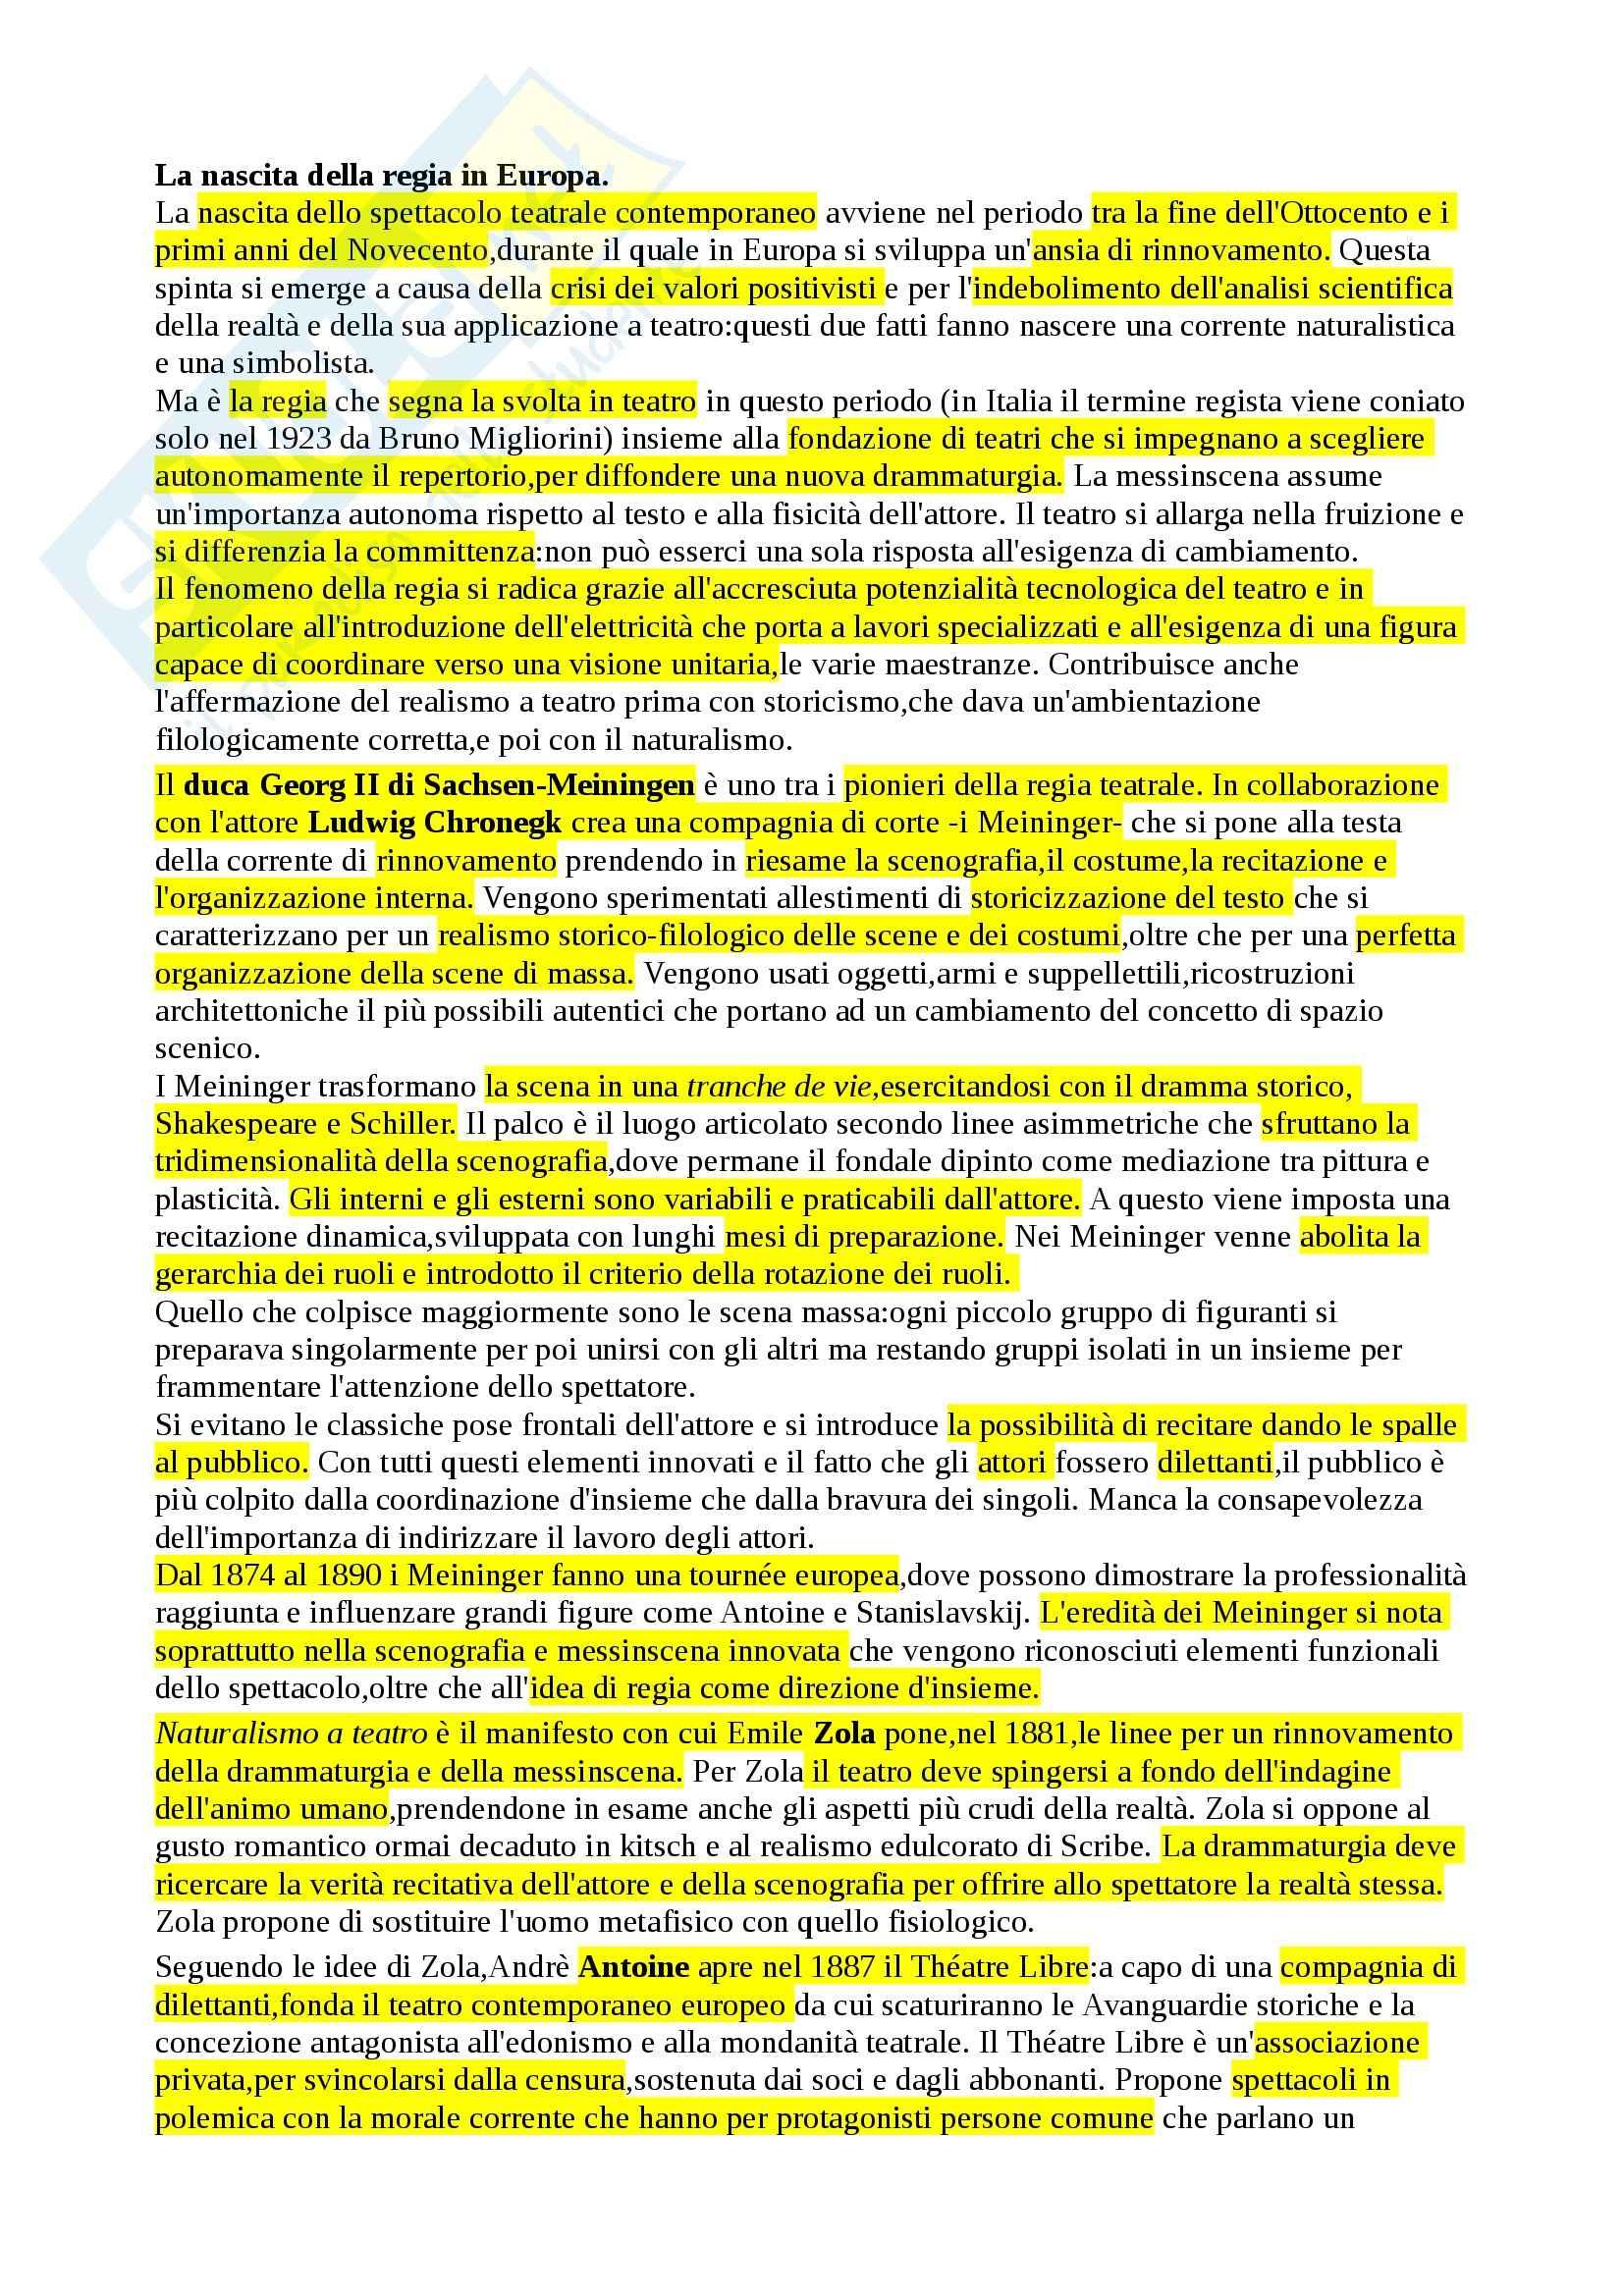 Riassunto esame Storia del teatro contemporaneo, prof. Cambiaghi, libro consigliato Storia della regia teatrale in italia, Bosisio